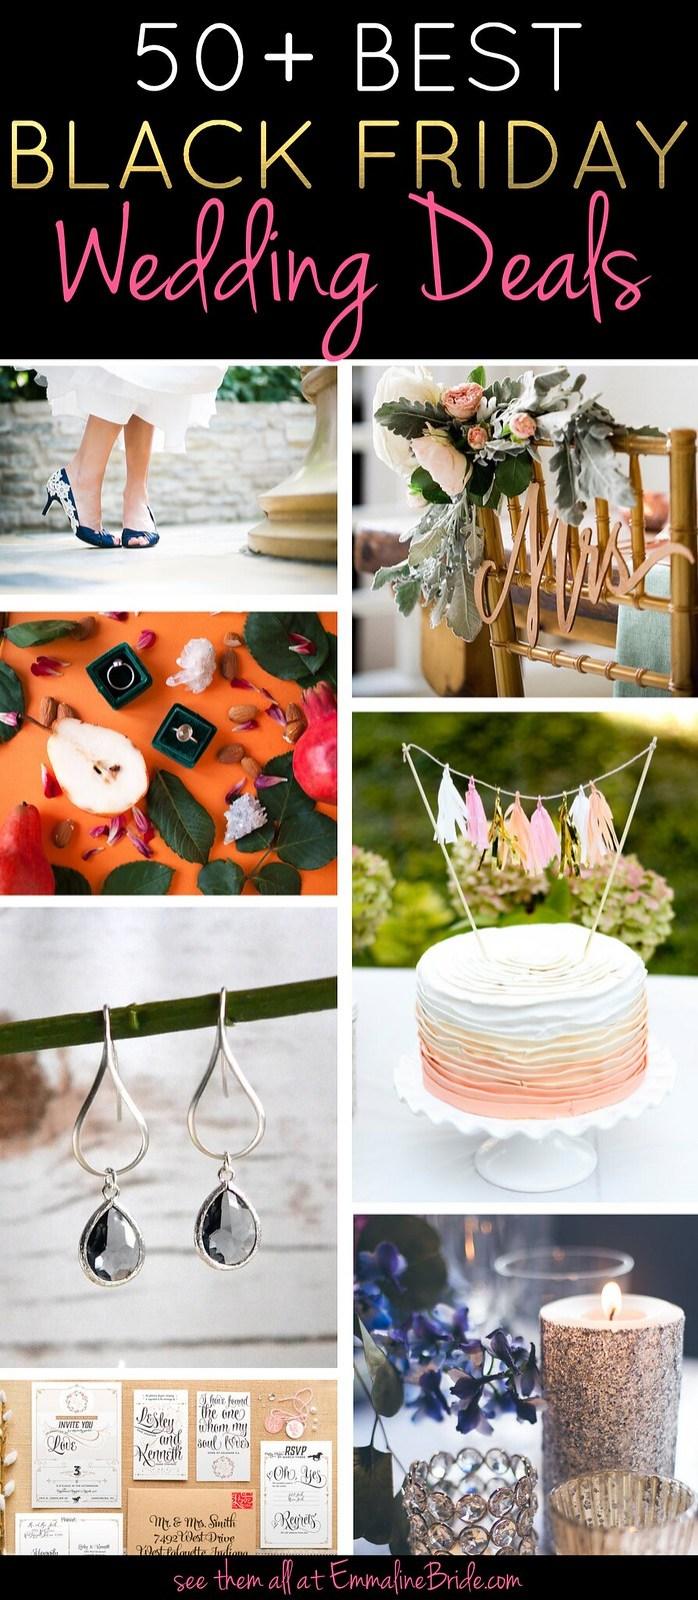 Black Friday Wedding Deals | http://emmalinebride.com/holiday/black-friday-wedding-deals/